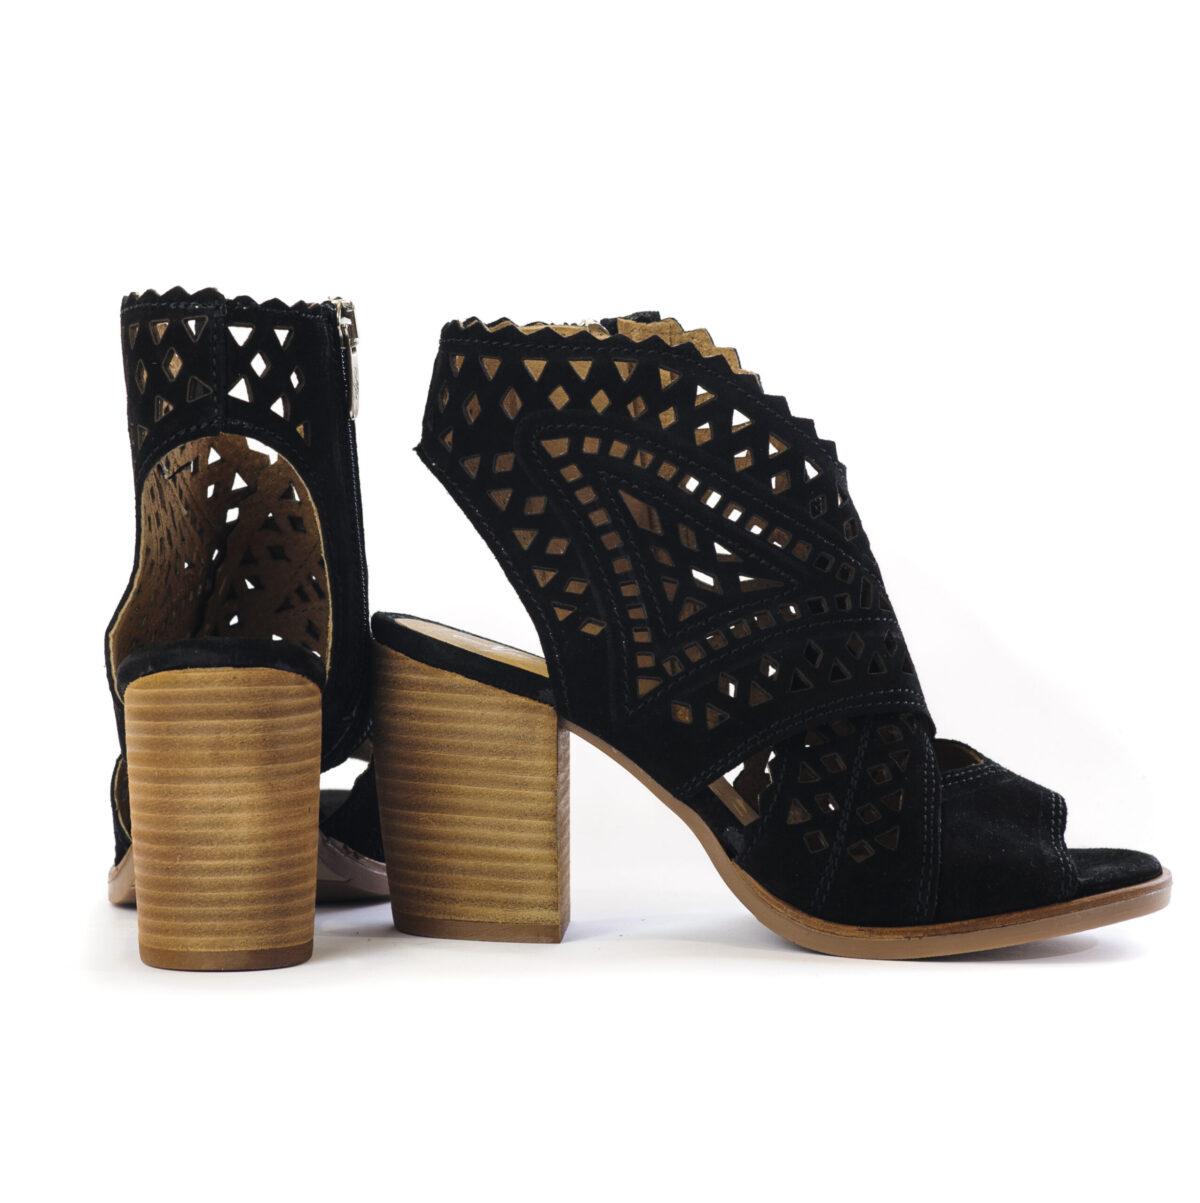 Γυναικεία Παπούτσια Γυναικείο Πέδιλο με Laser Cut